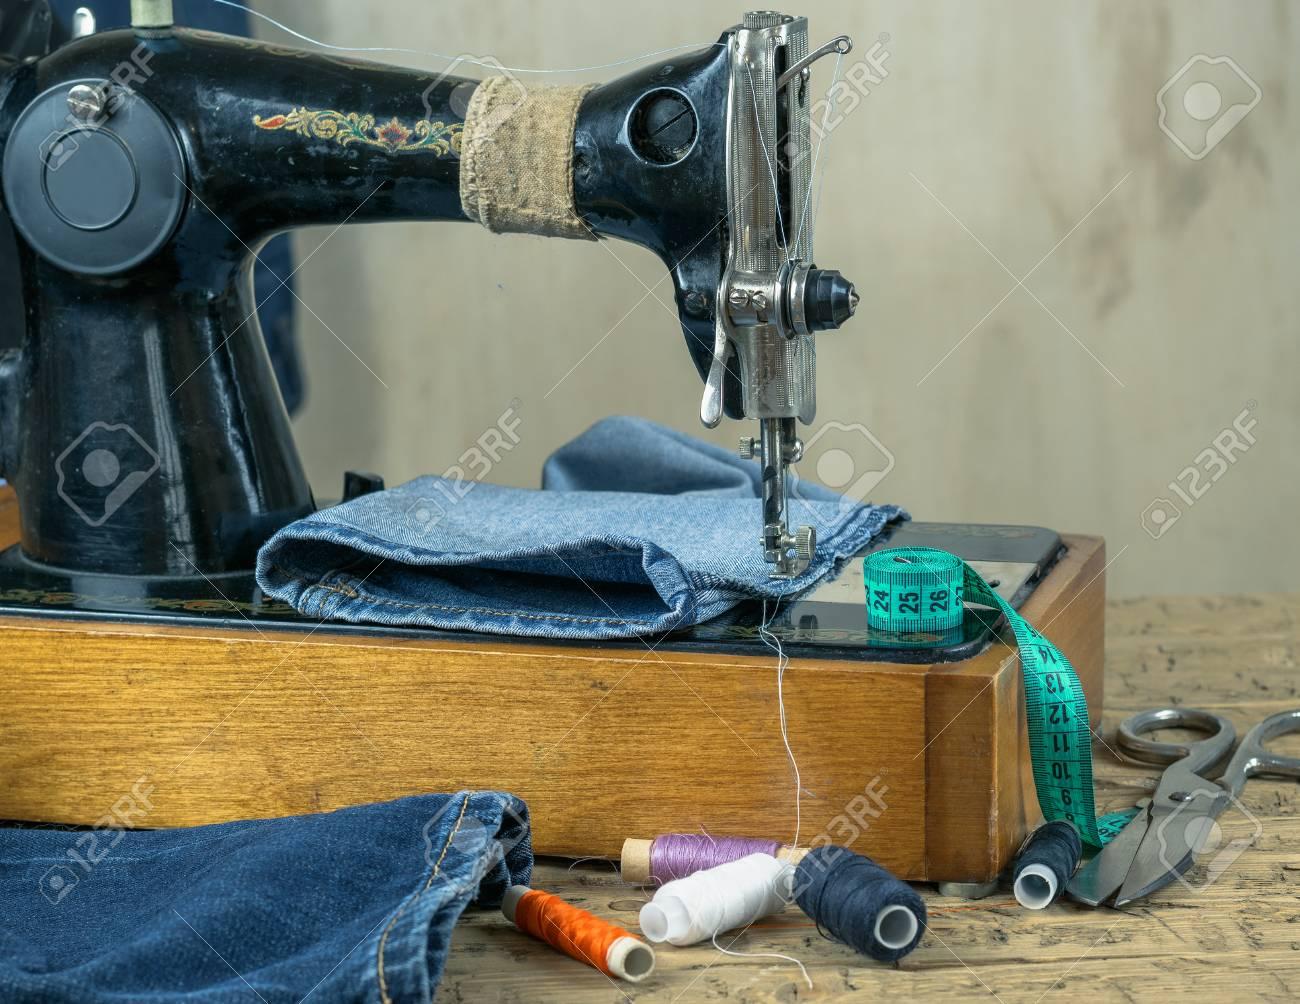 Machine à coudre vintage avec styles de denim et accessoires pour la  couture. Le concept de production à domicile et de réparation de vêtements.